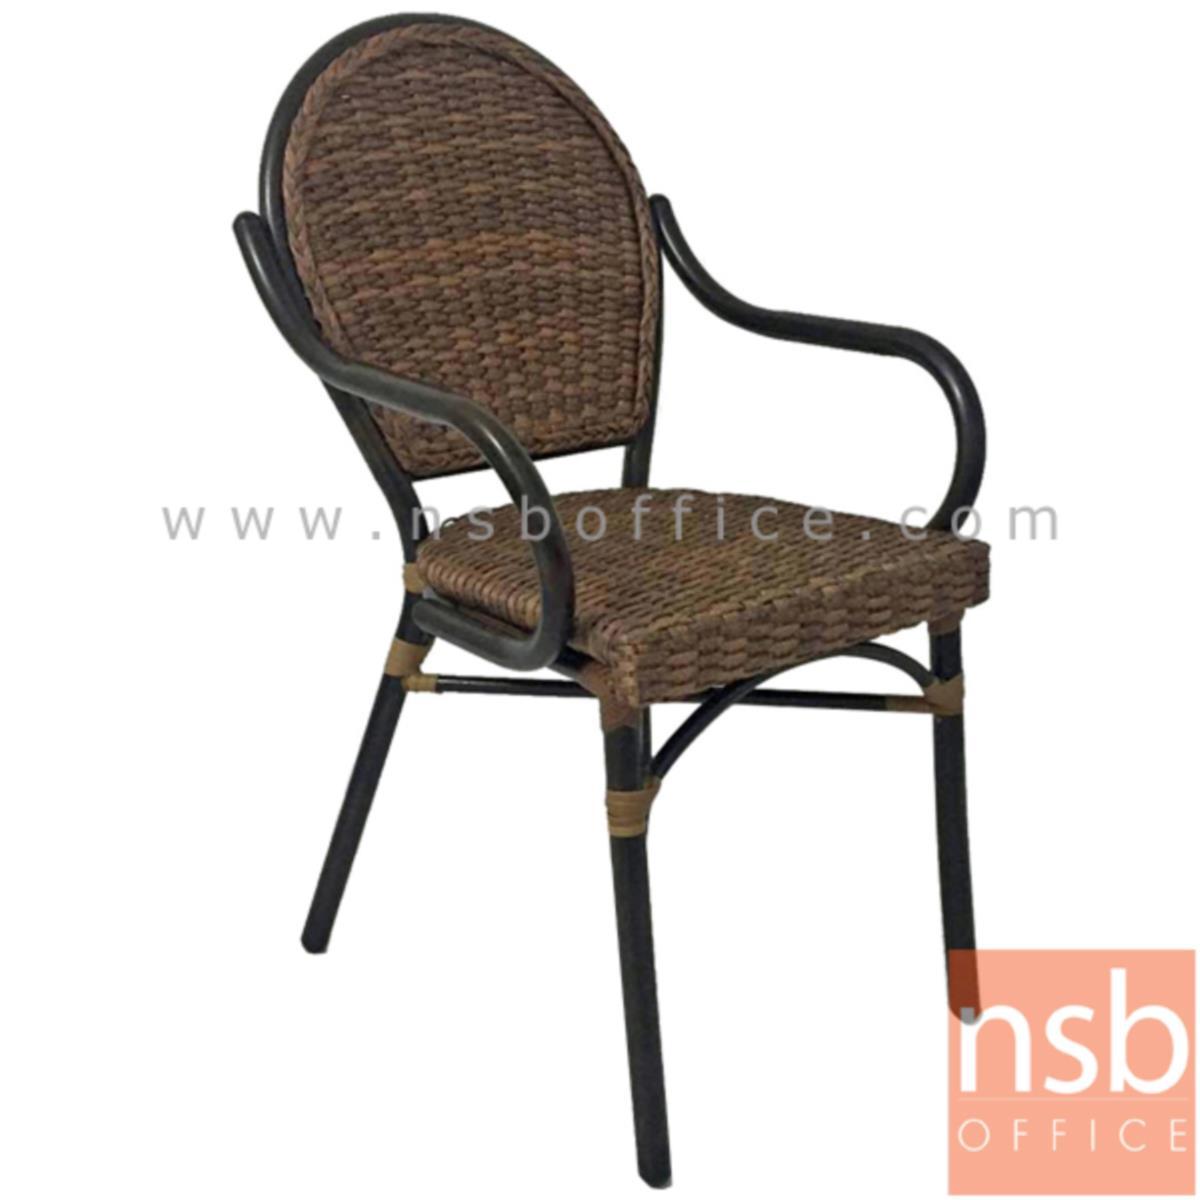 G08A238:เก้าอี้สนามหวายเทียมสาน รุ่น Tyson มีท้าวแขน (ใช้กับโต๊ะหวายฯ รุ่น G08A236, G08A237)